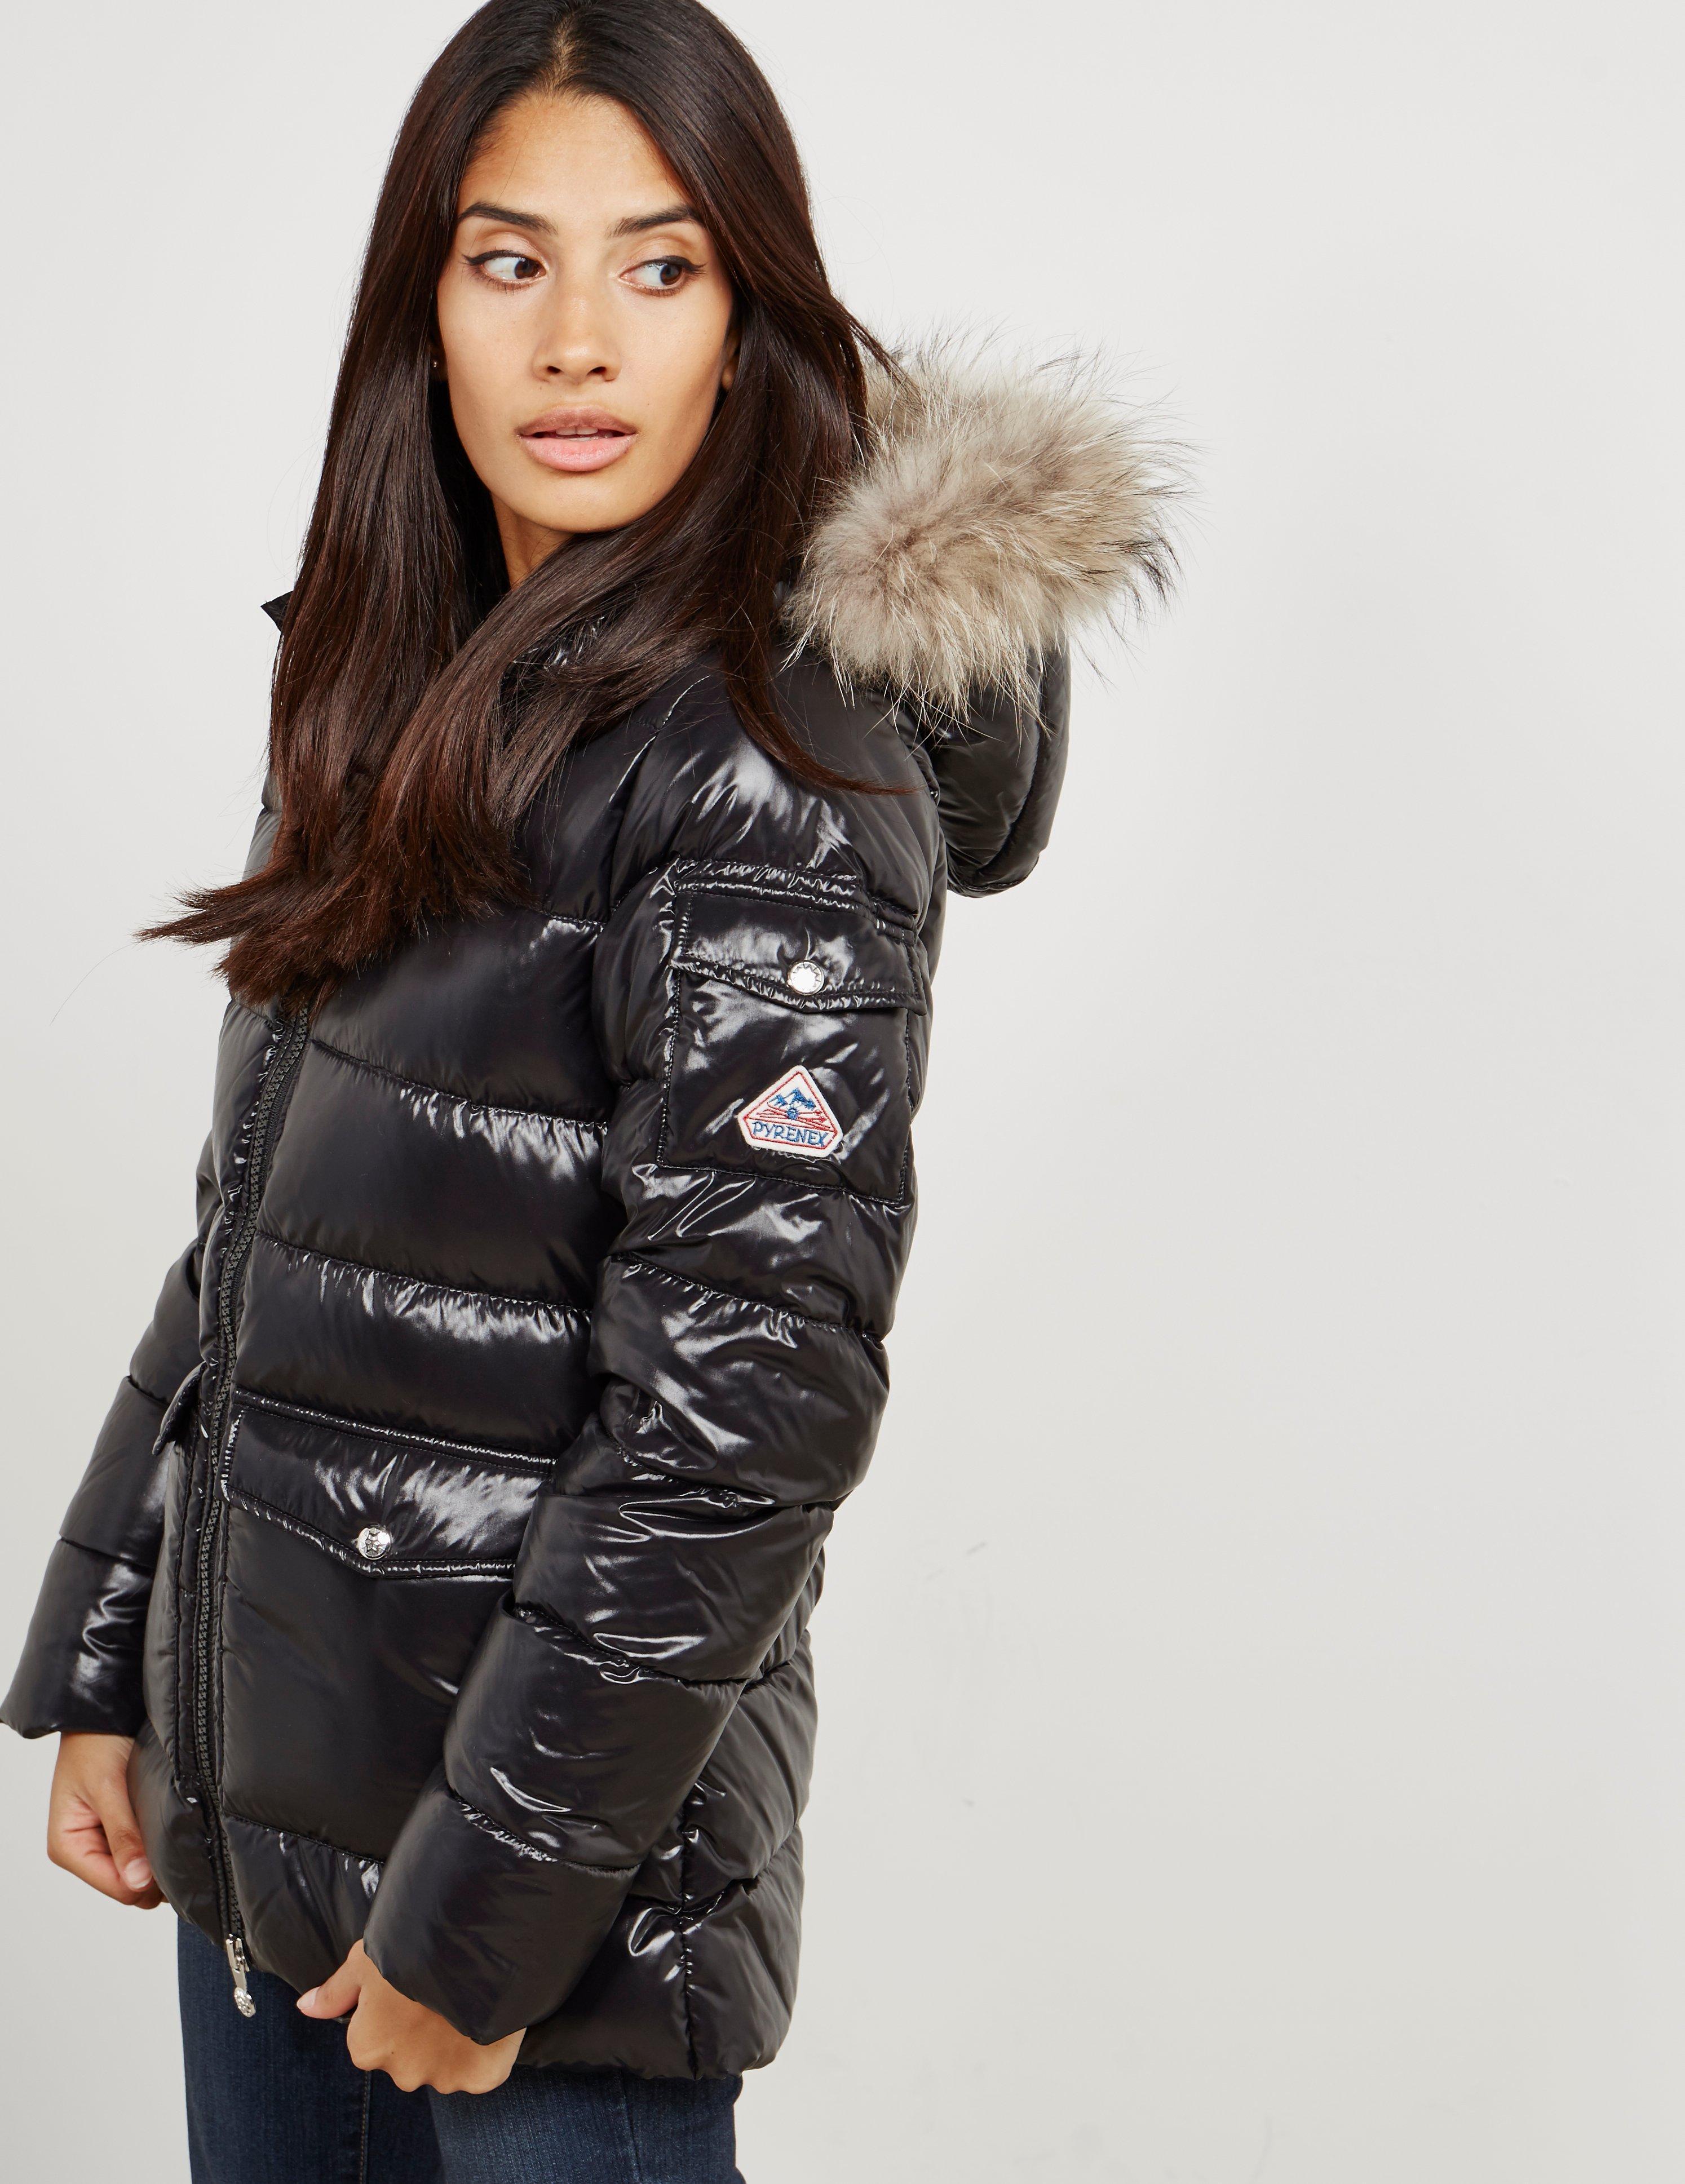 76016c2d2 Pyrenex Womens Authentic Padded Shiny Jacket Black